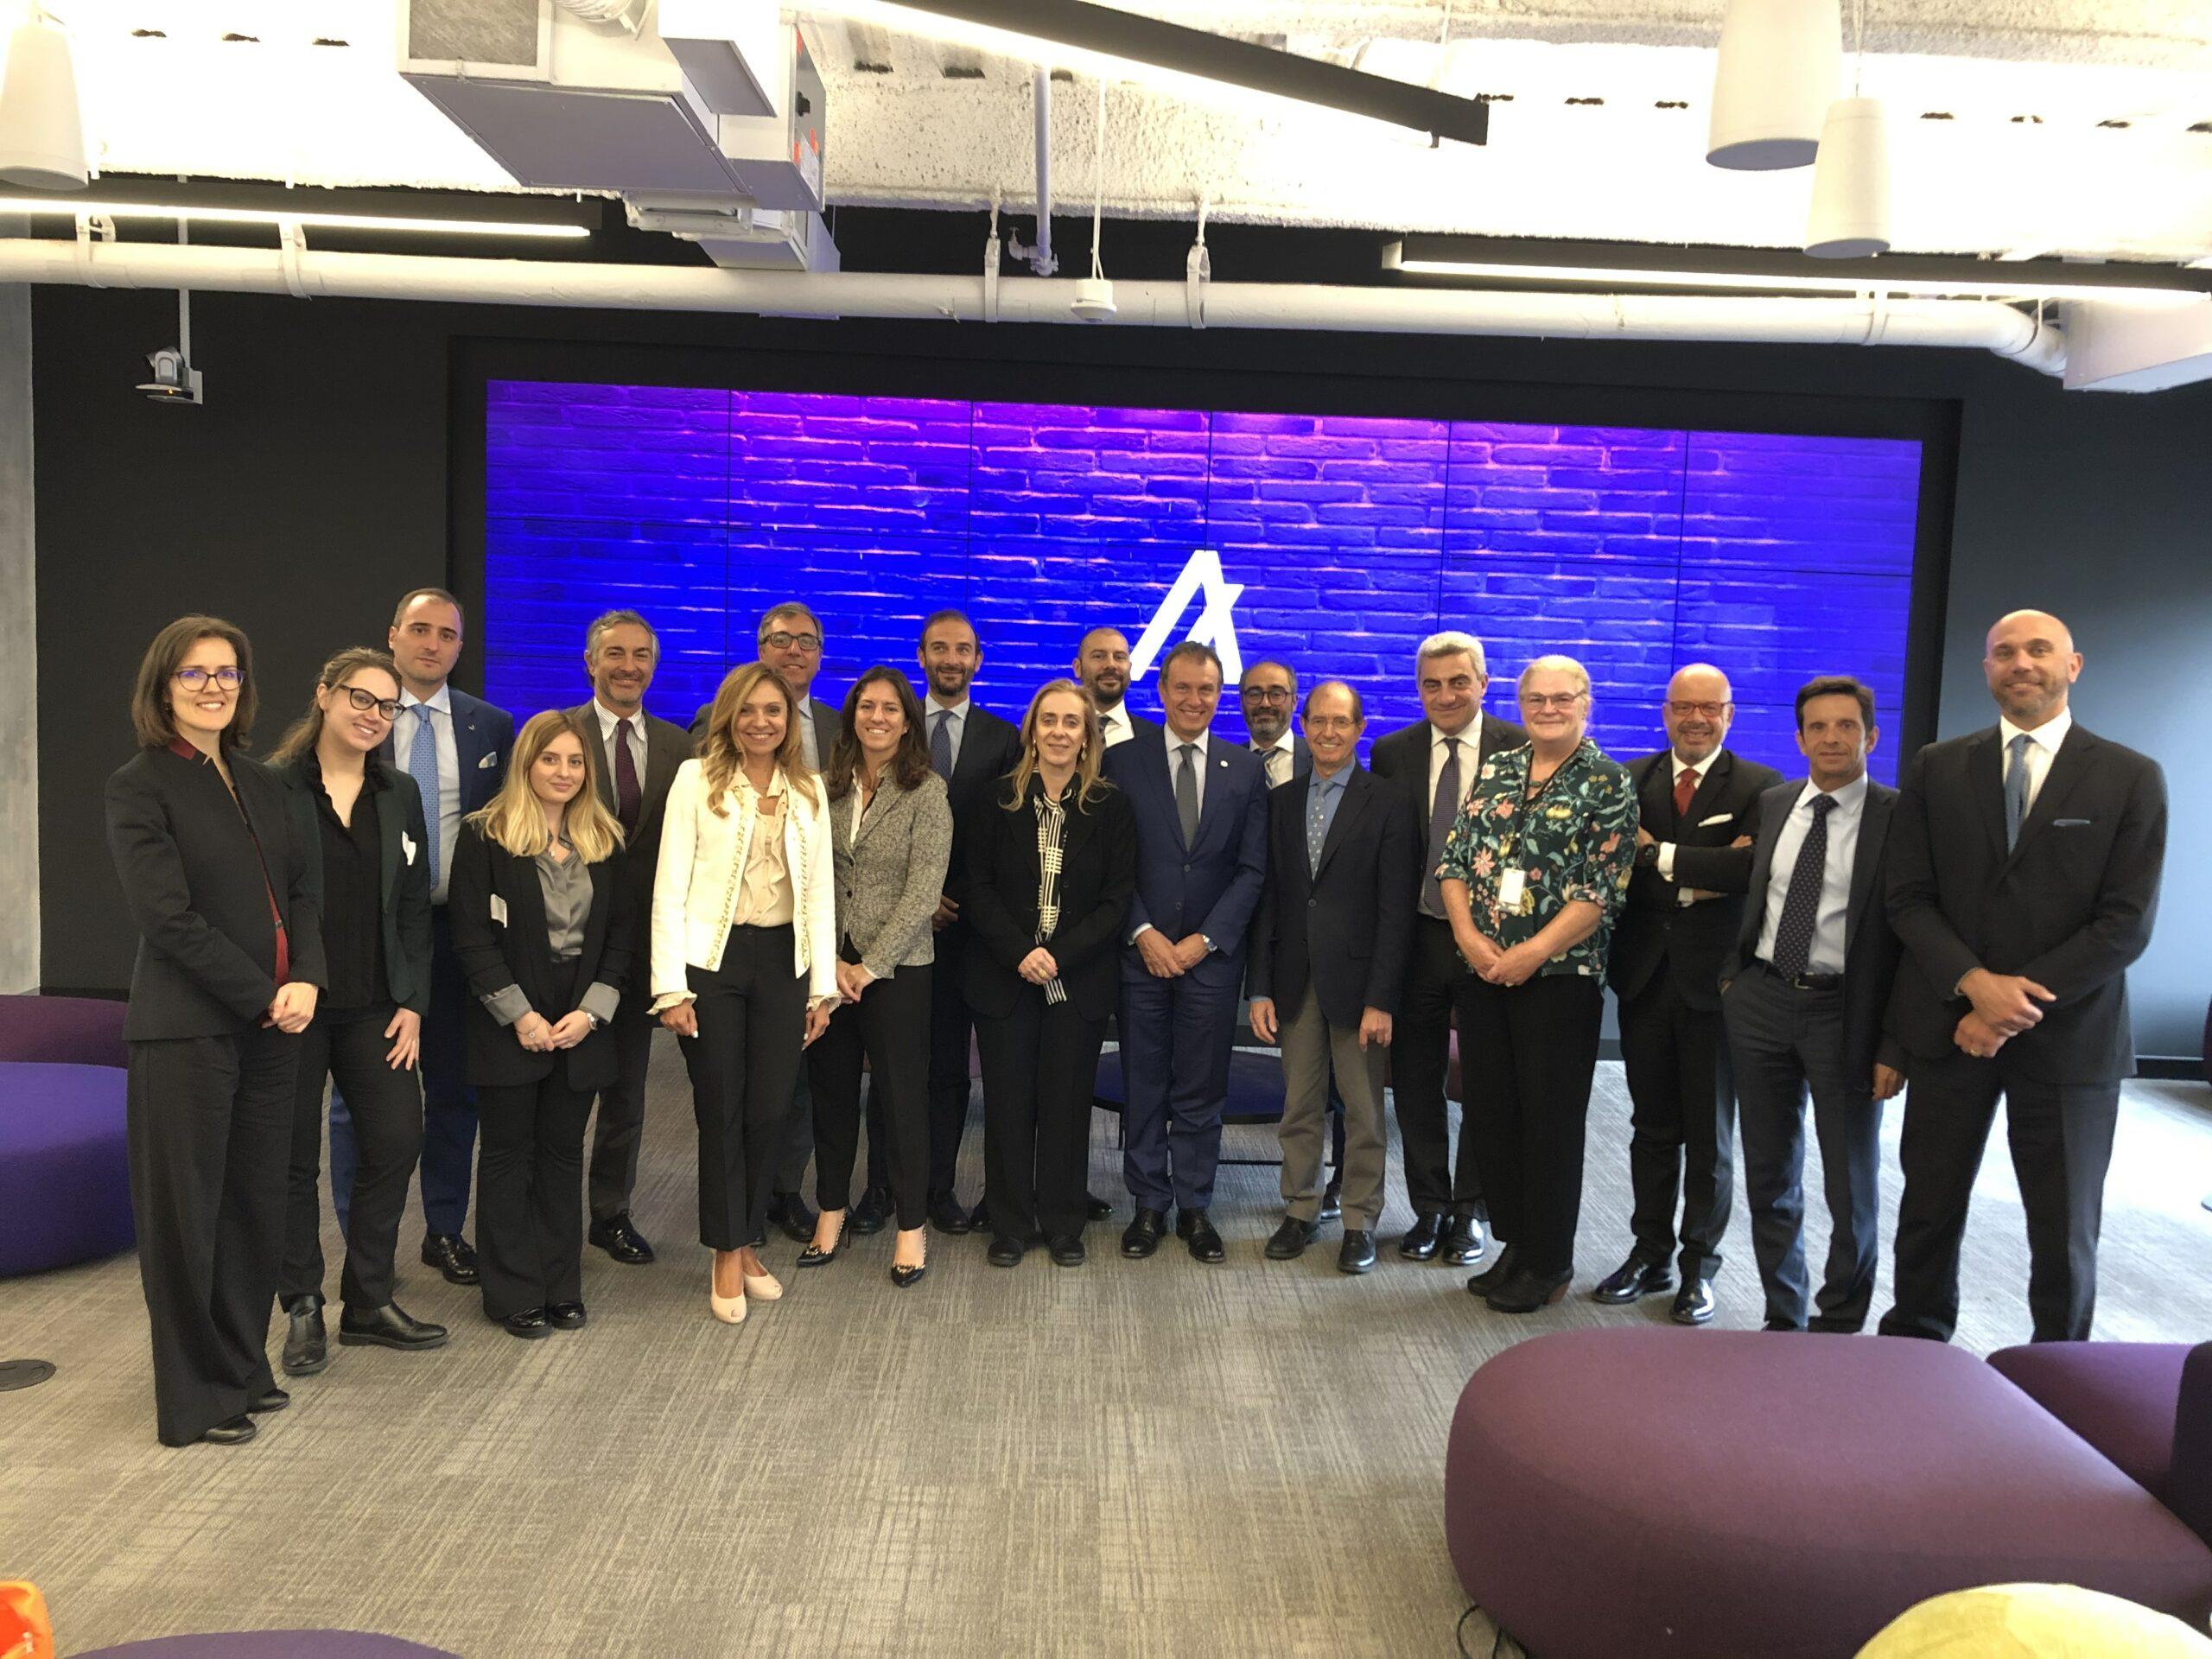 Come evolve l'innovazione Fintech negli Usa. Terza edizione per Amerigo for Law